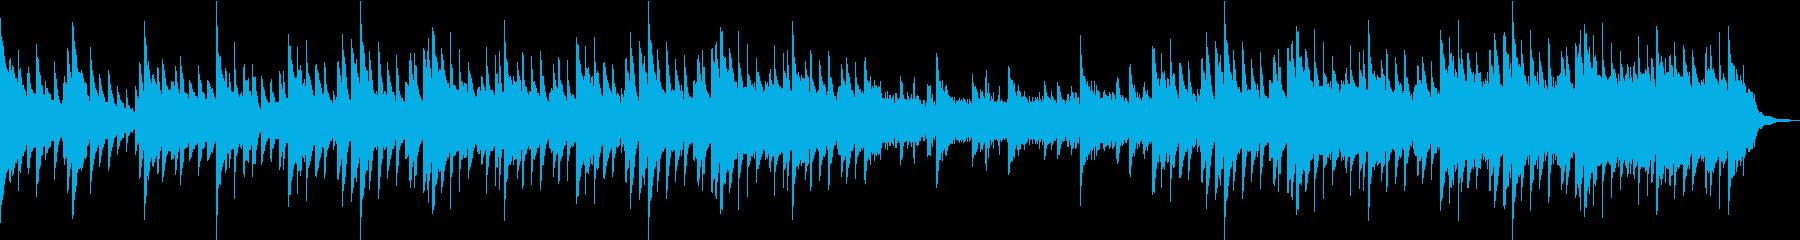 現代的 交響曲 モダン 室内楽 ア...の再生済みの波形